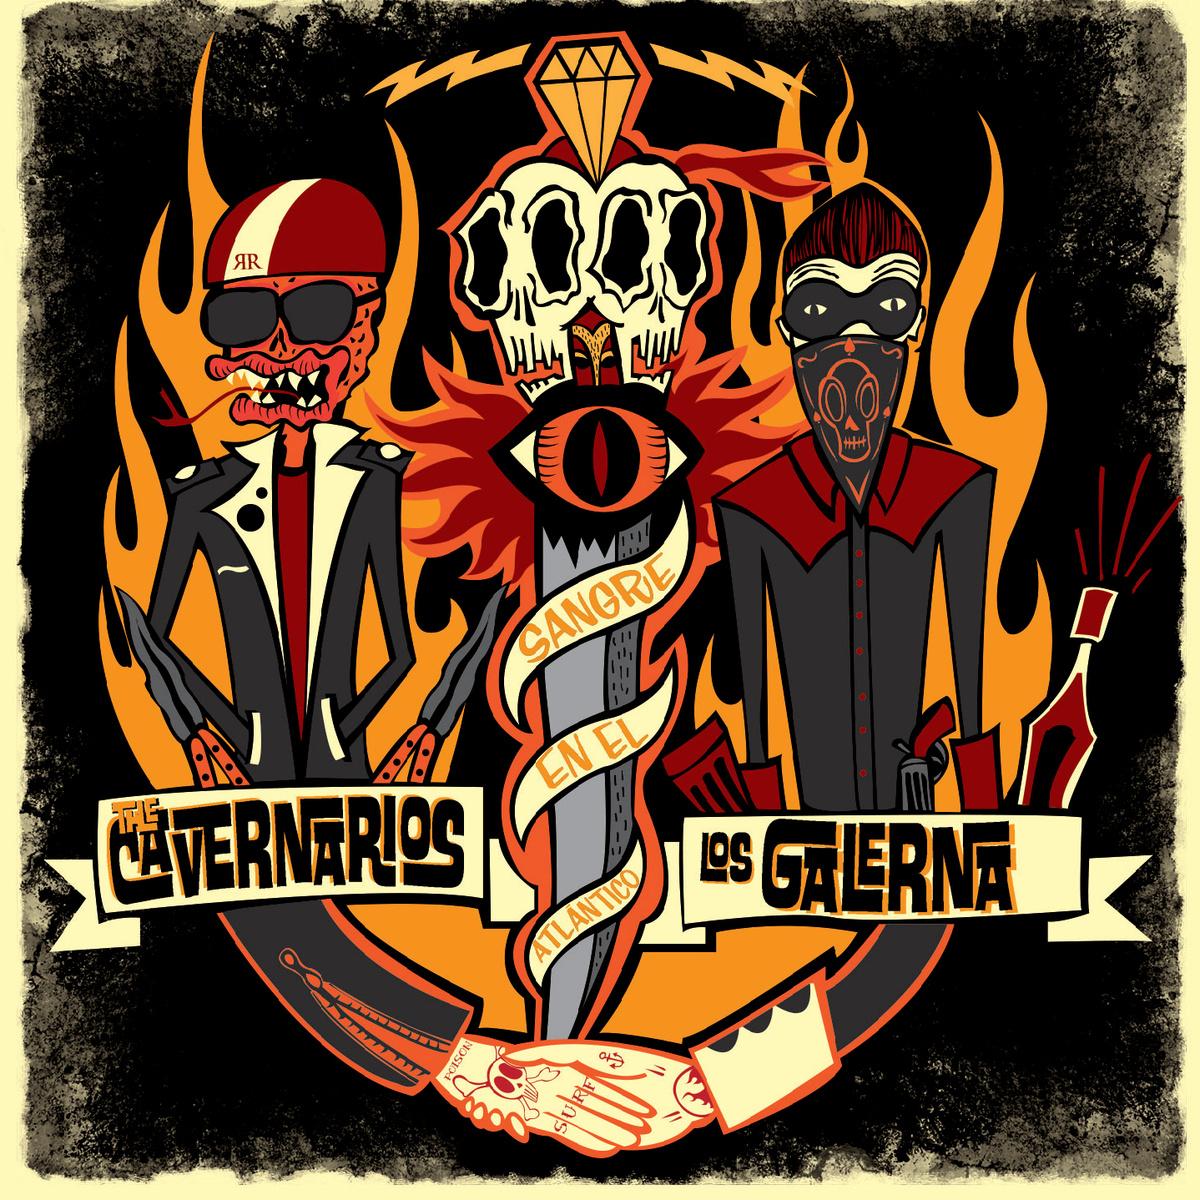 The Cavernarios and Los Galerna - Sangre en el Atlántico